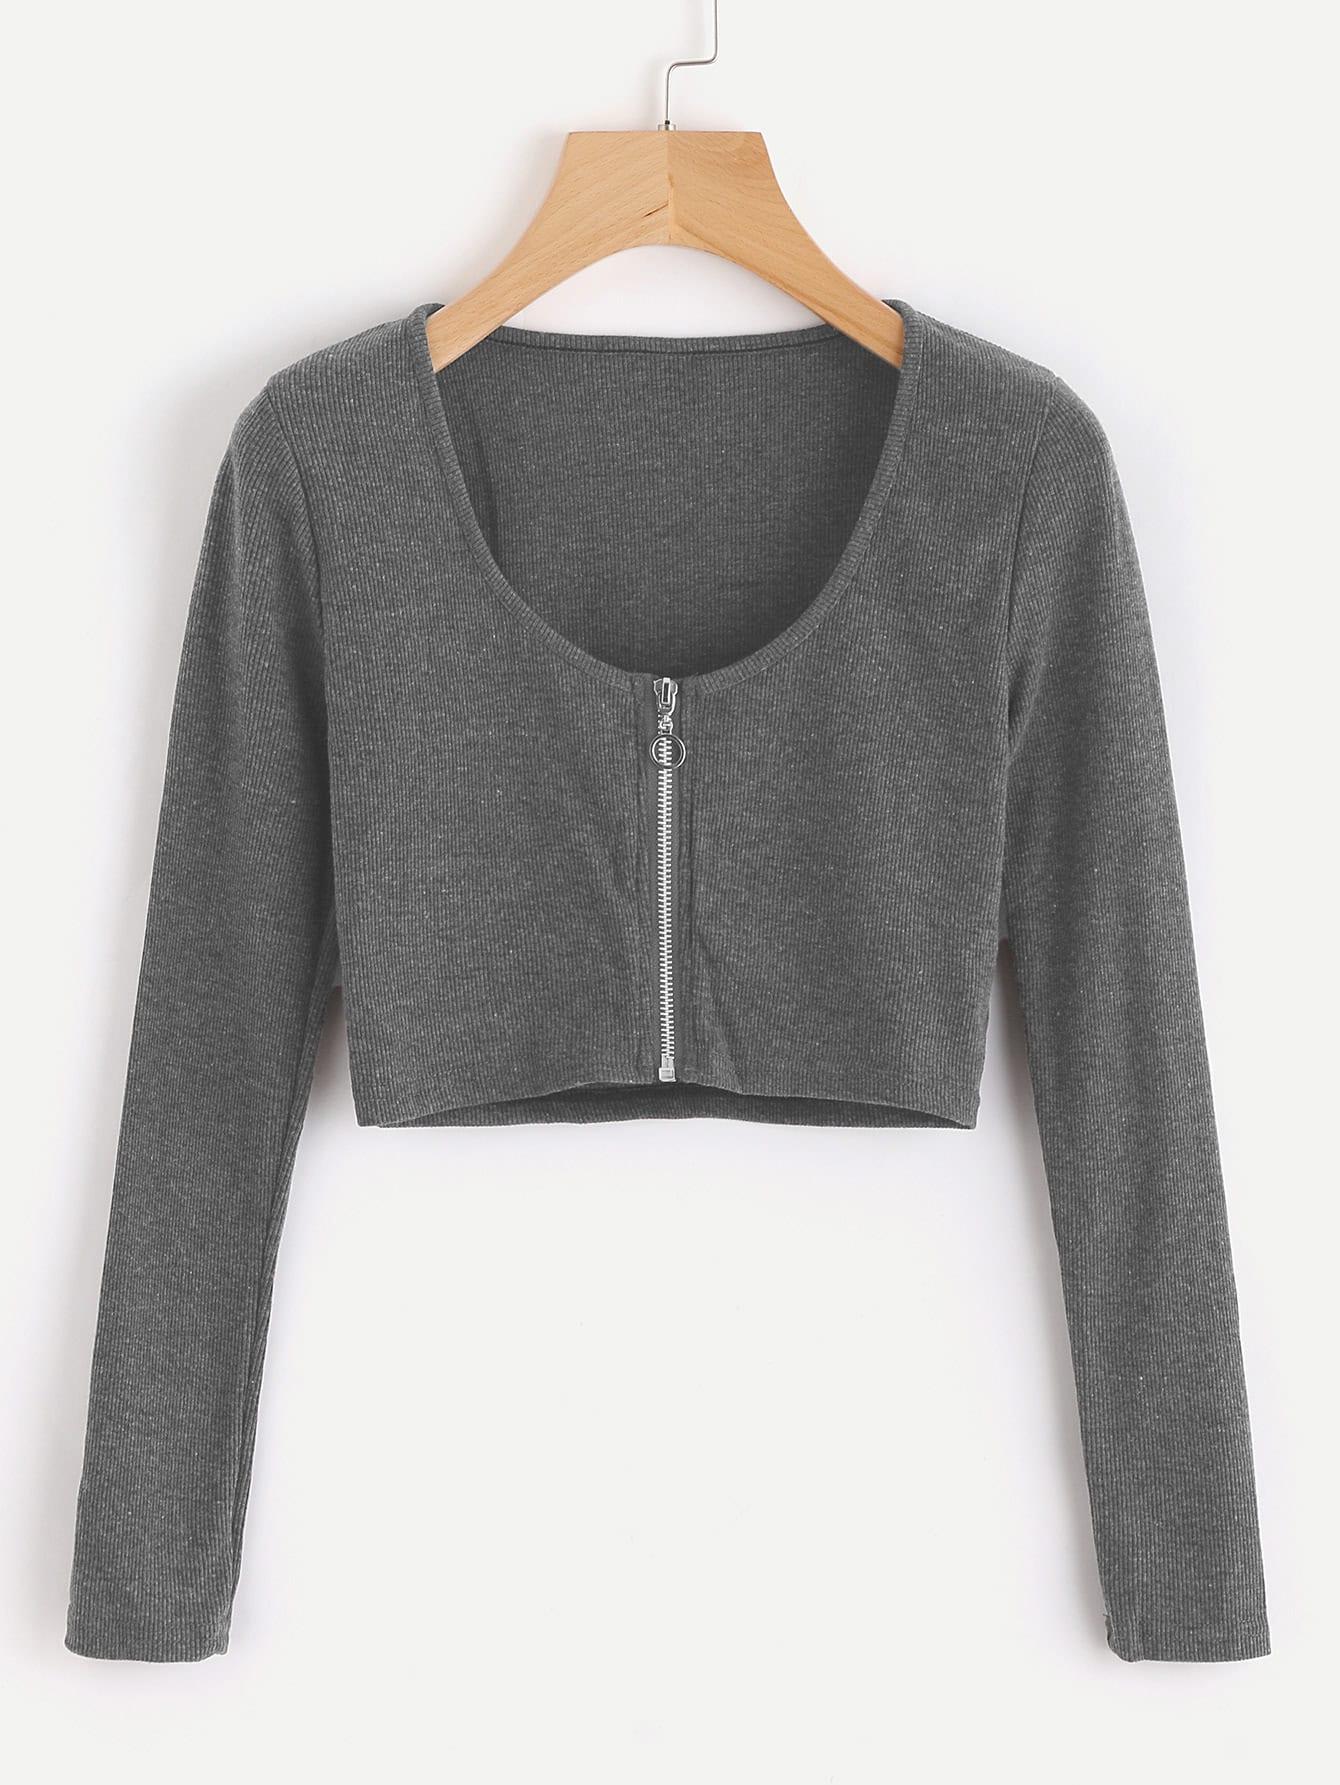 Zip Up Crop Knit Top black choker sleeveless crop top